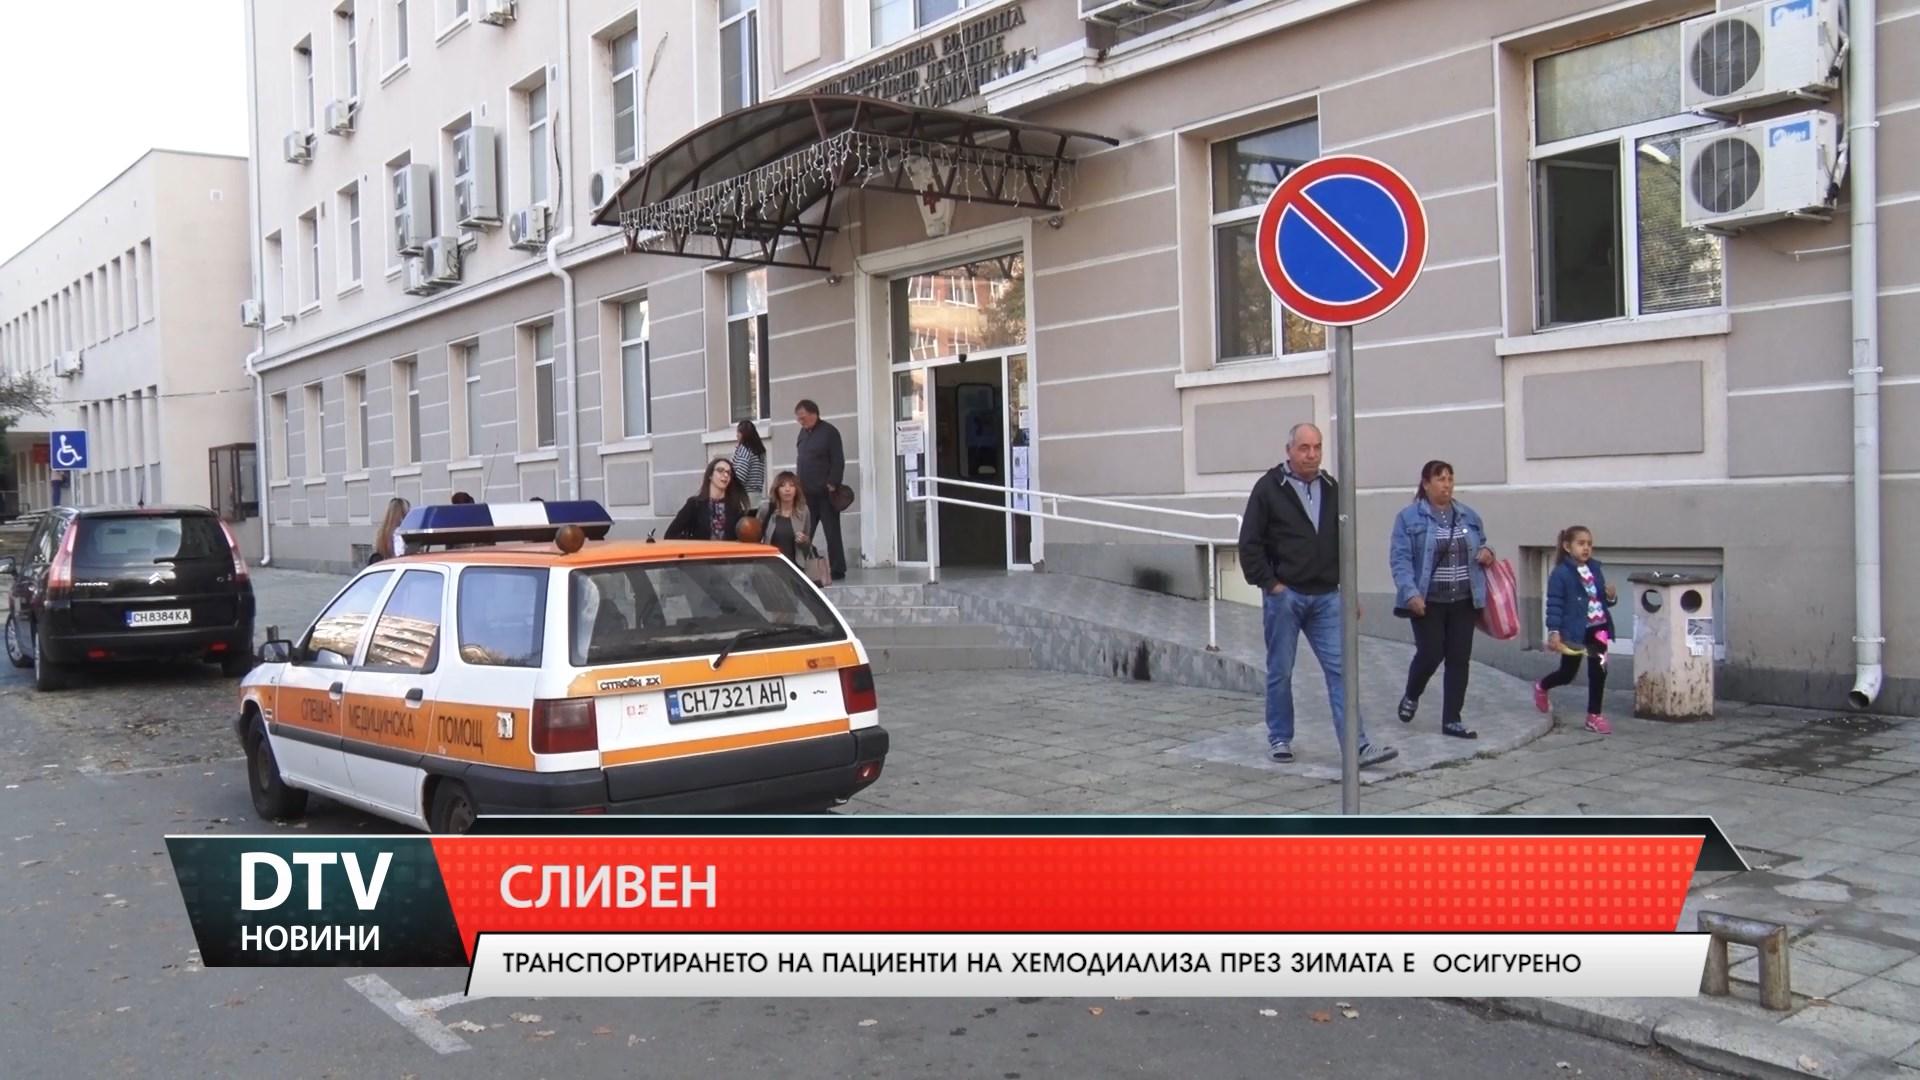 В Сливен осигуриха транспорта за болните на хемодиализа през зимата